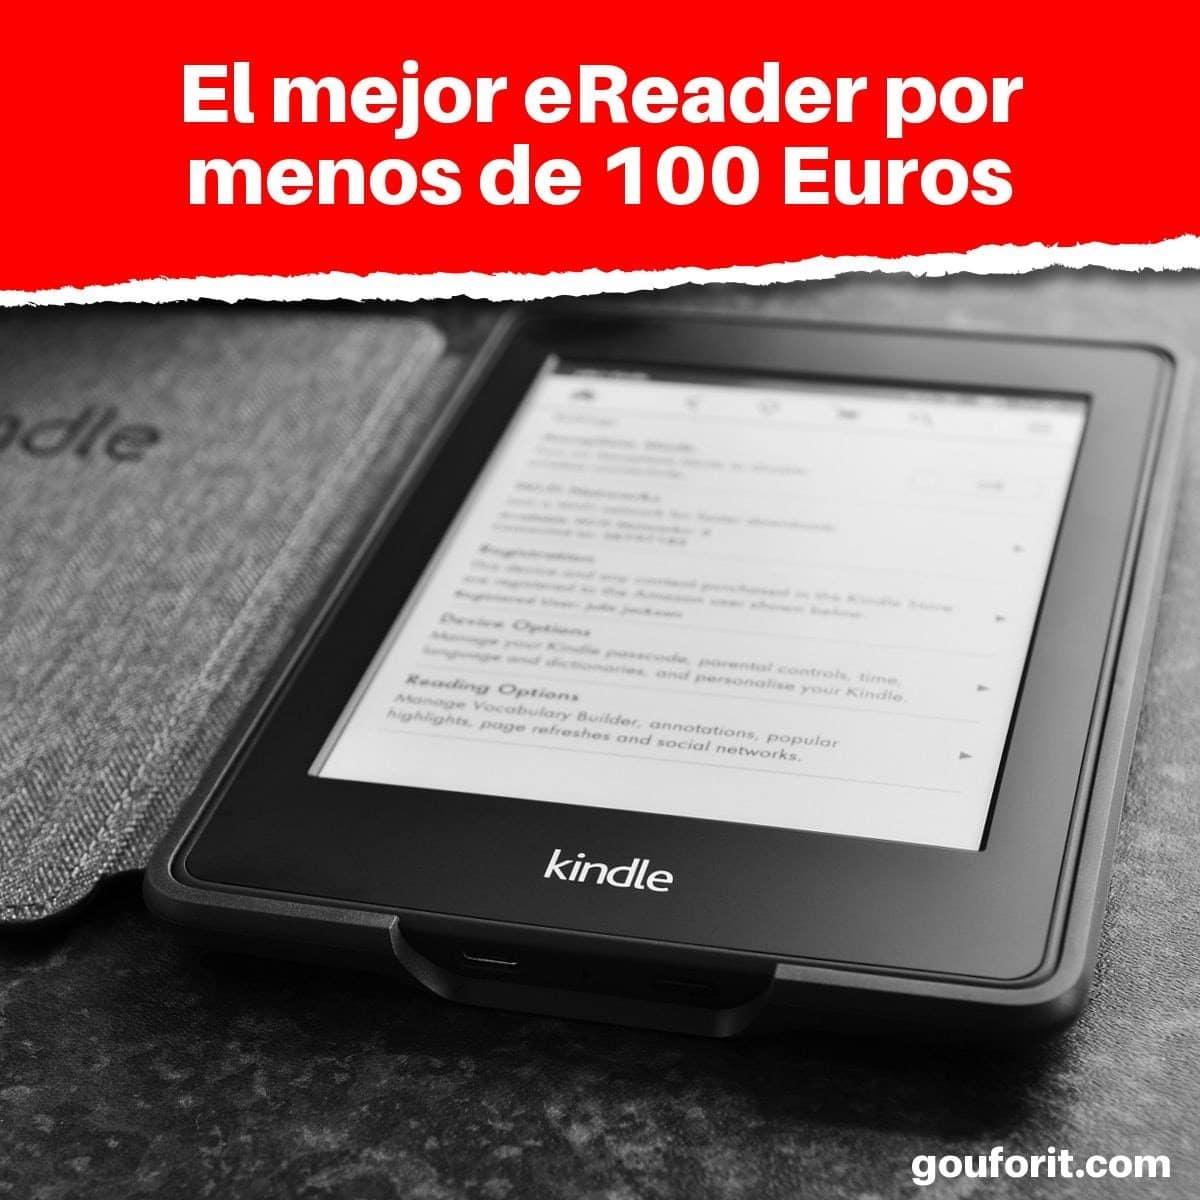 ¿Cuál es el mejor eReader por menos de 100 Euros?